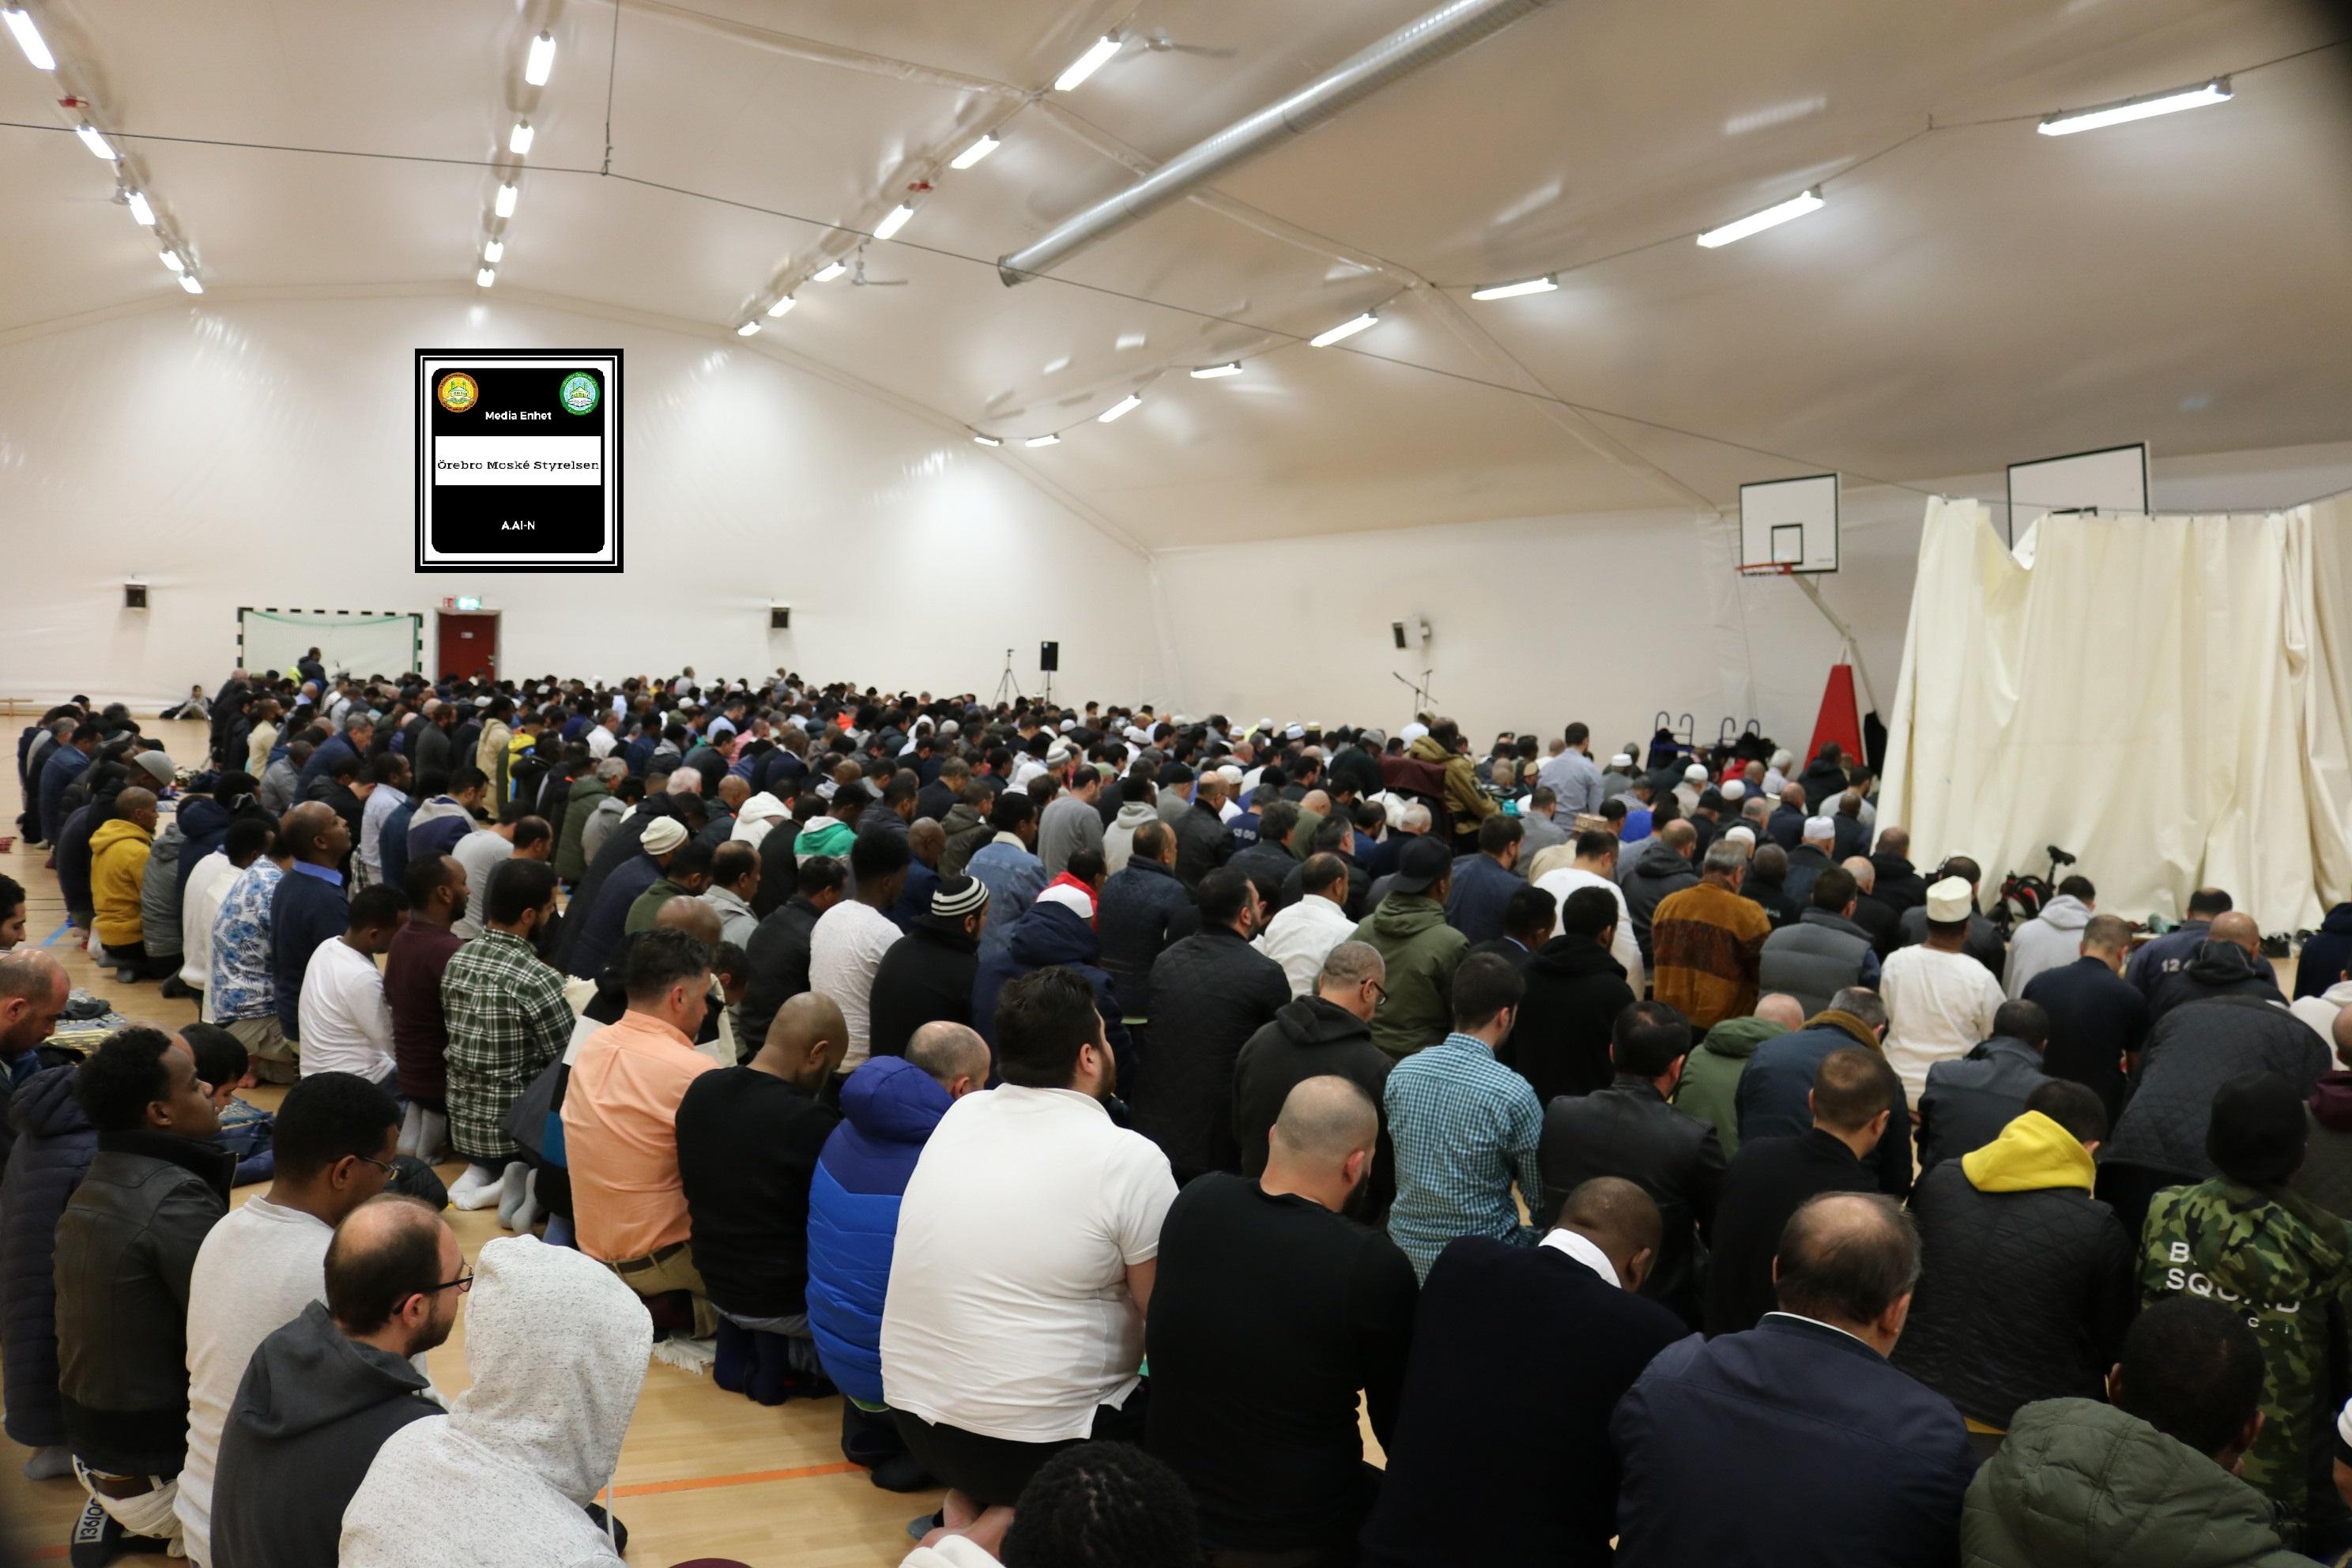 الحكمة ************************** 2018-10-05 ************************** Shikh Abu Husam Hariri ************************** Friday Bön - صلاة الجمعة - Friday Prayers **************************************** FILMED ON LOCATION *************************** Ballonghallen i Örebro